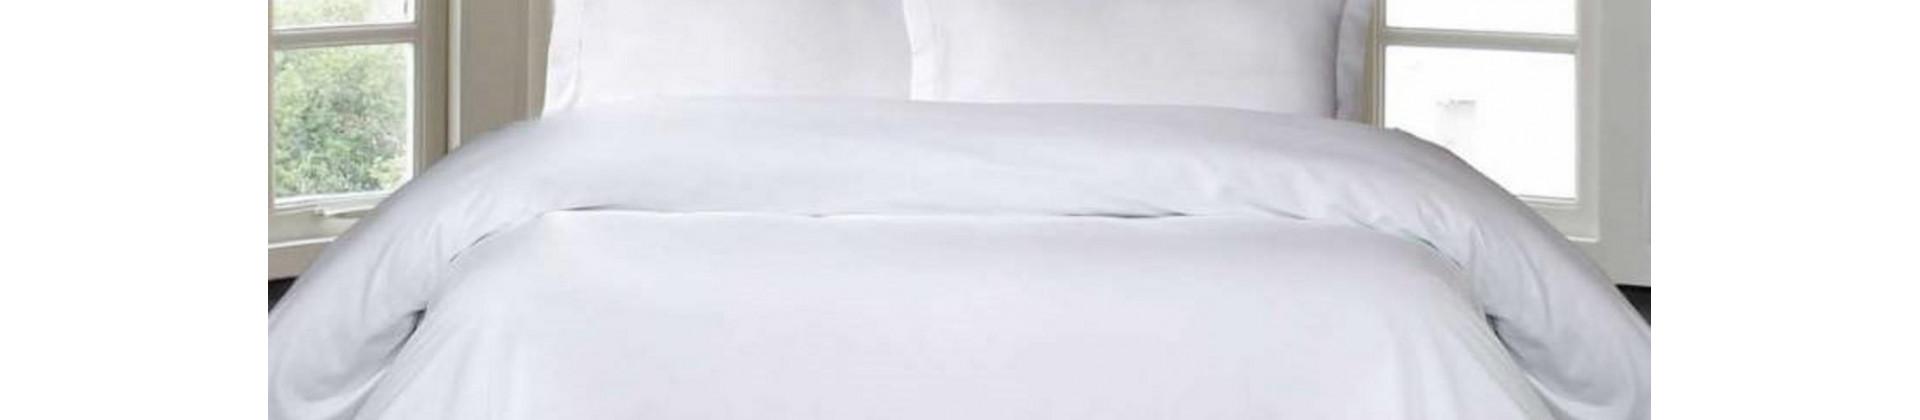 Housses de couette blanches pour établissements hôteliers